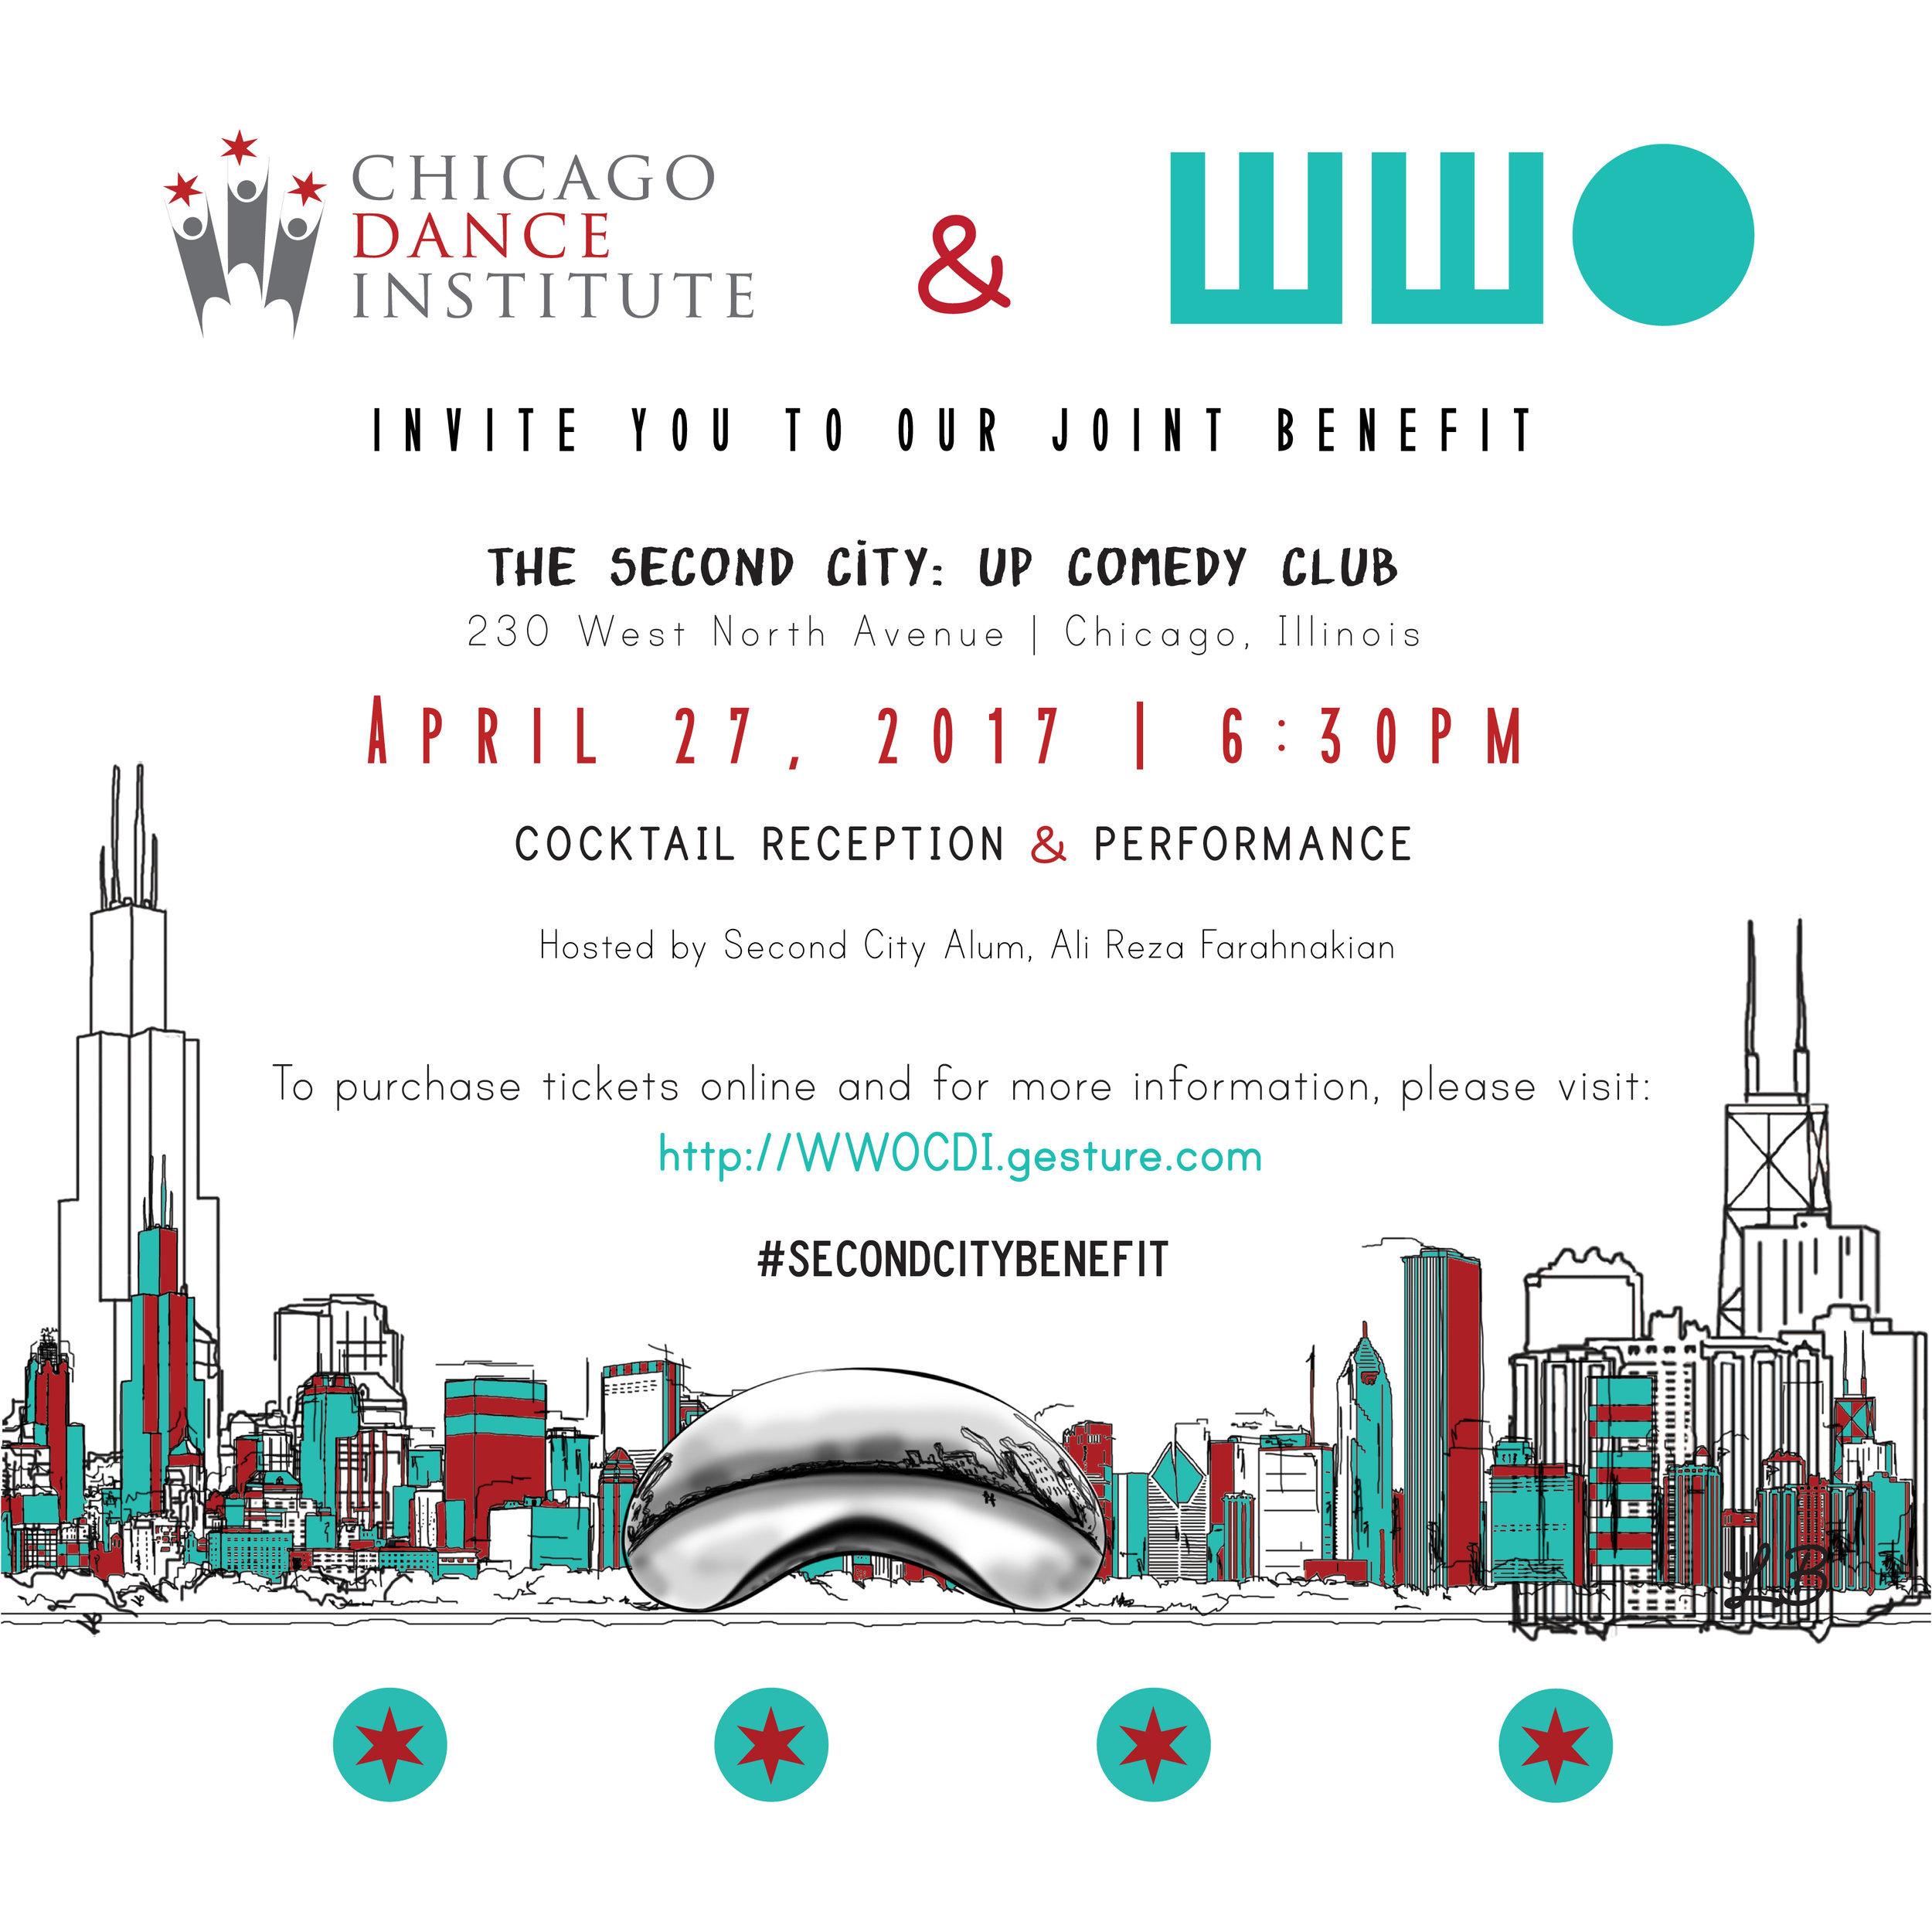 WWO_CDI Invite 2017.jpg